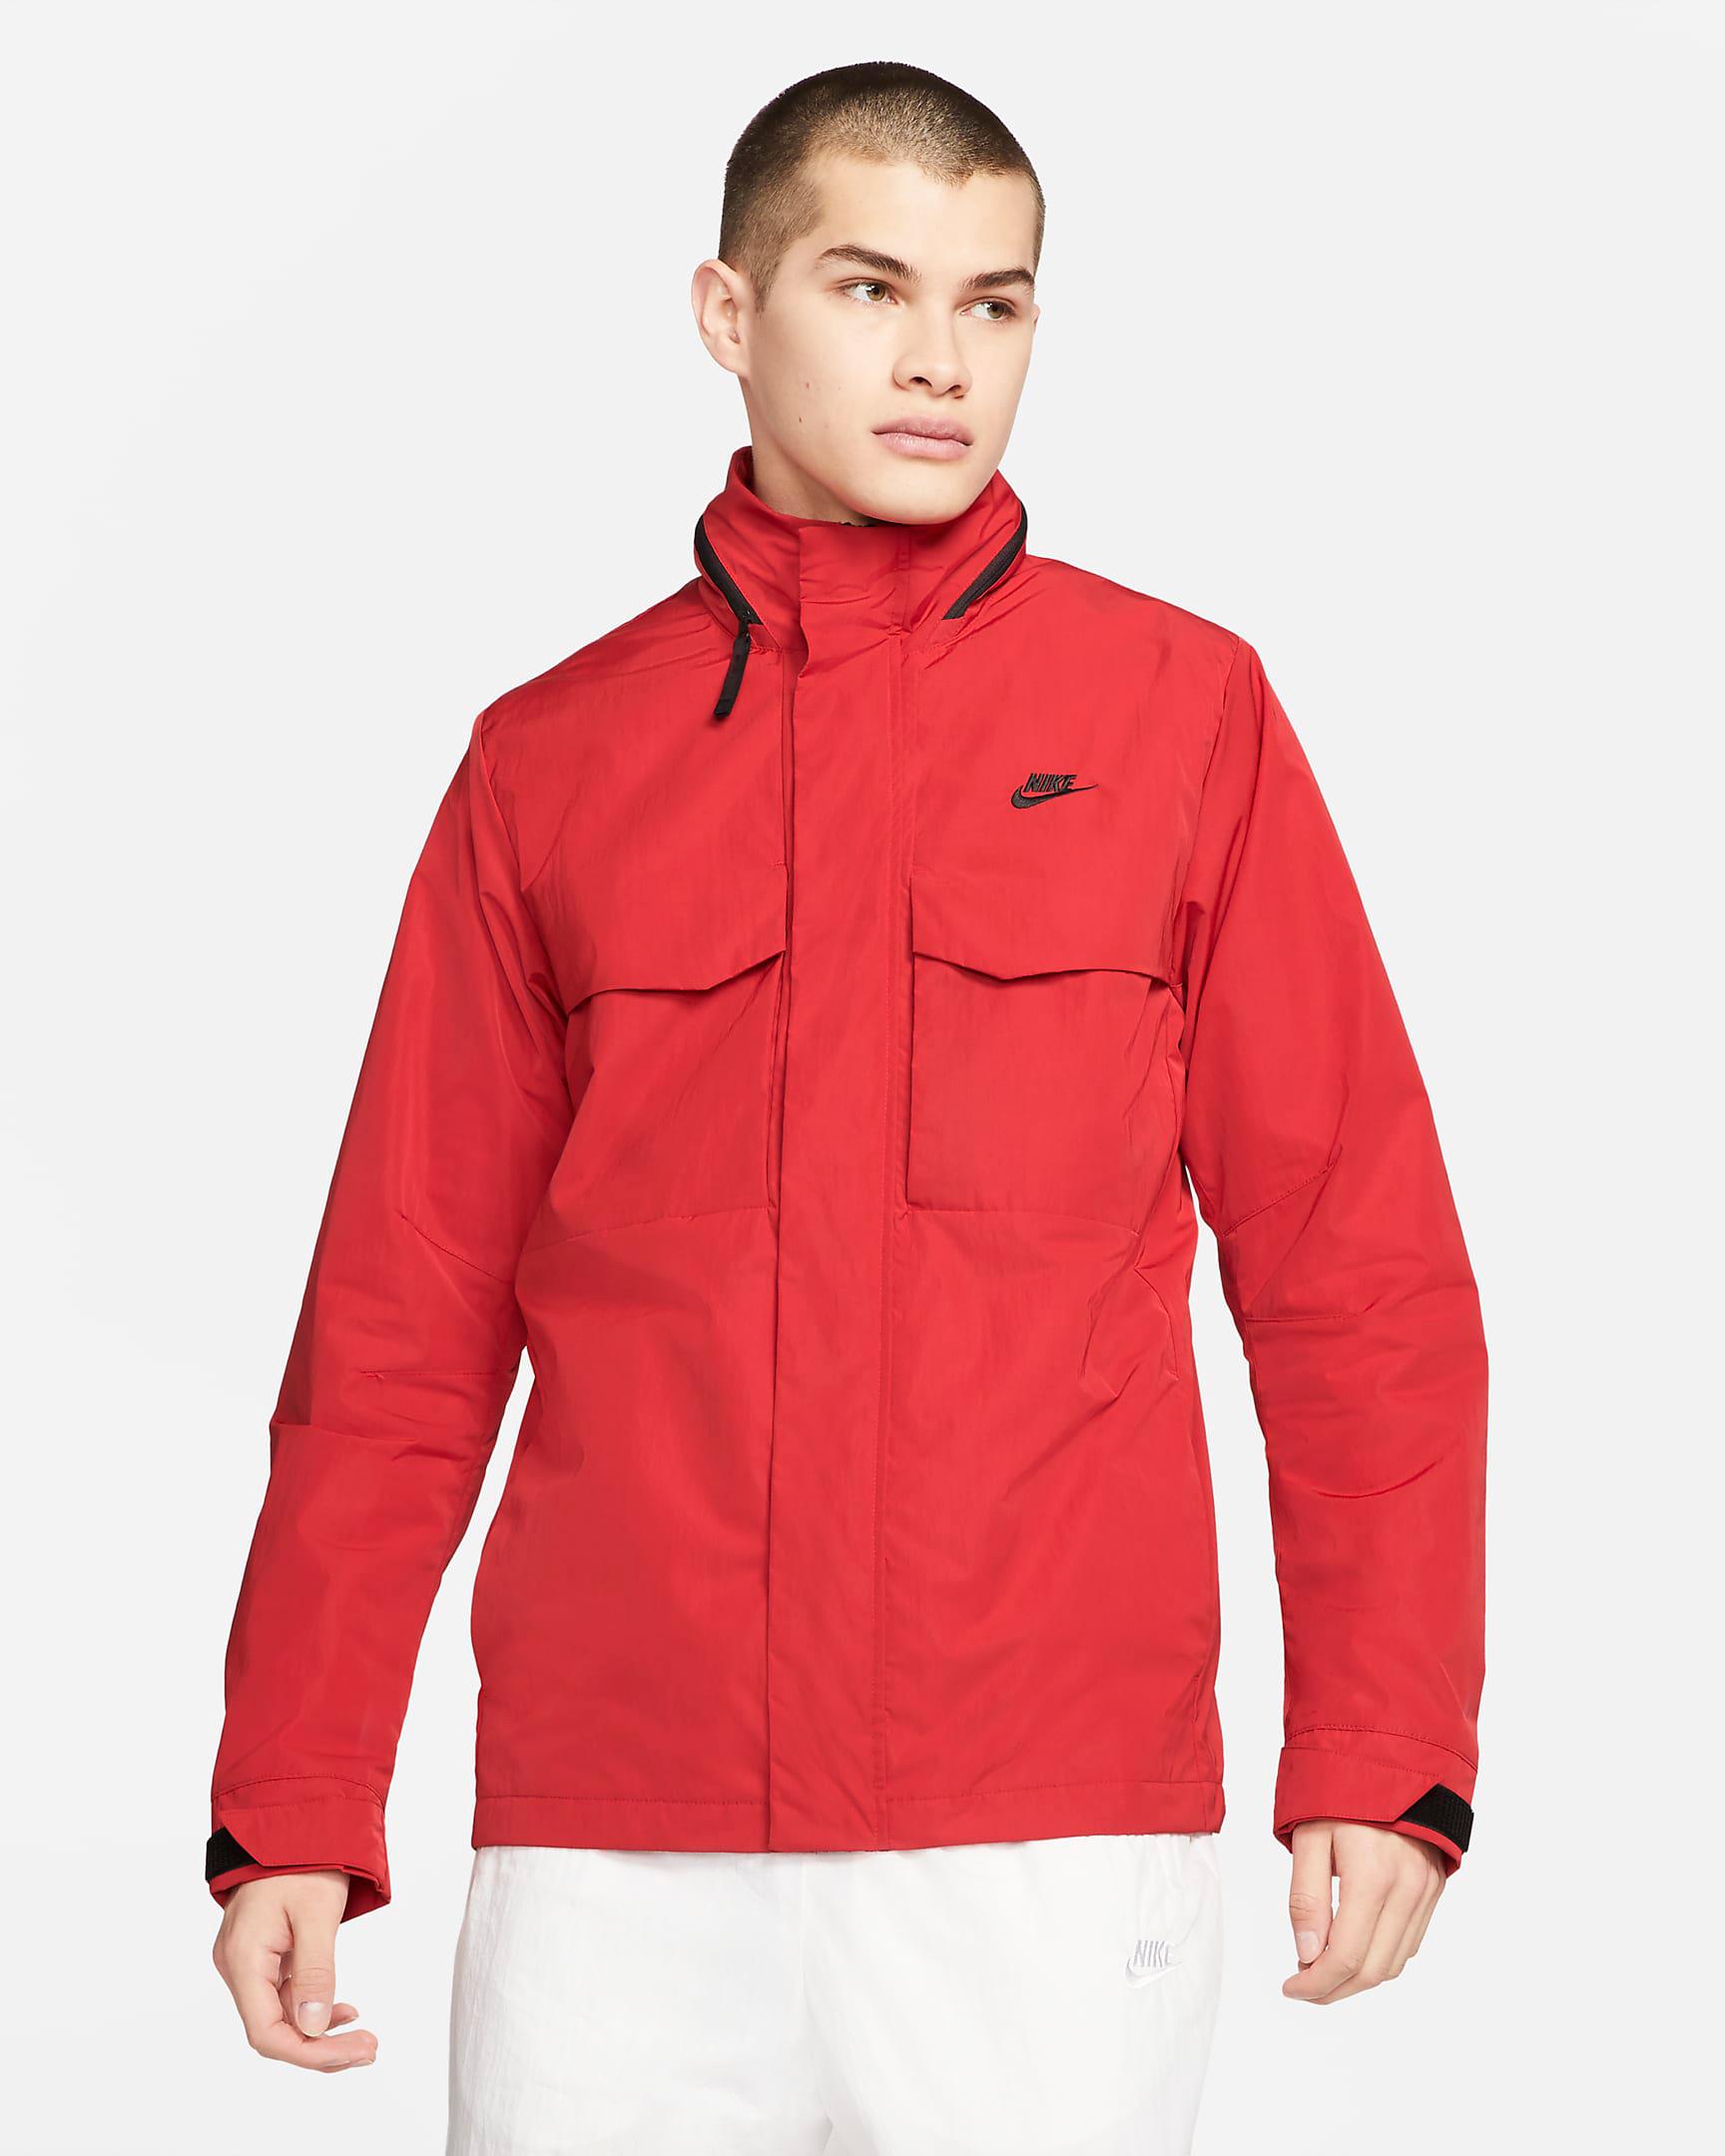 nike-sportswear-m65-red-jacket-1